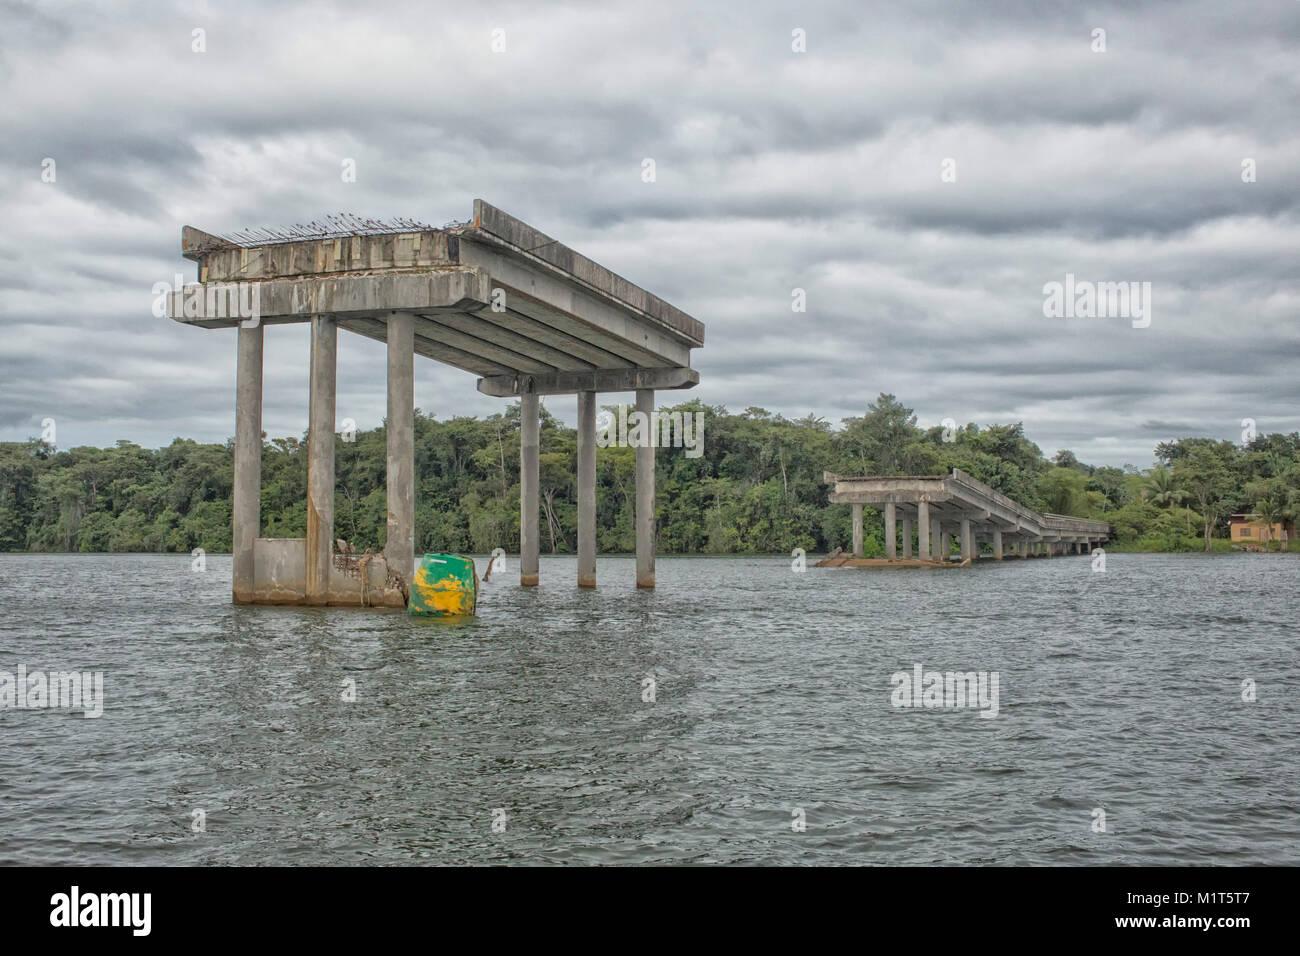 New concrete bridge on river in Suriname is broken down Stock Photo